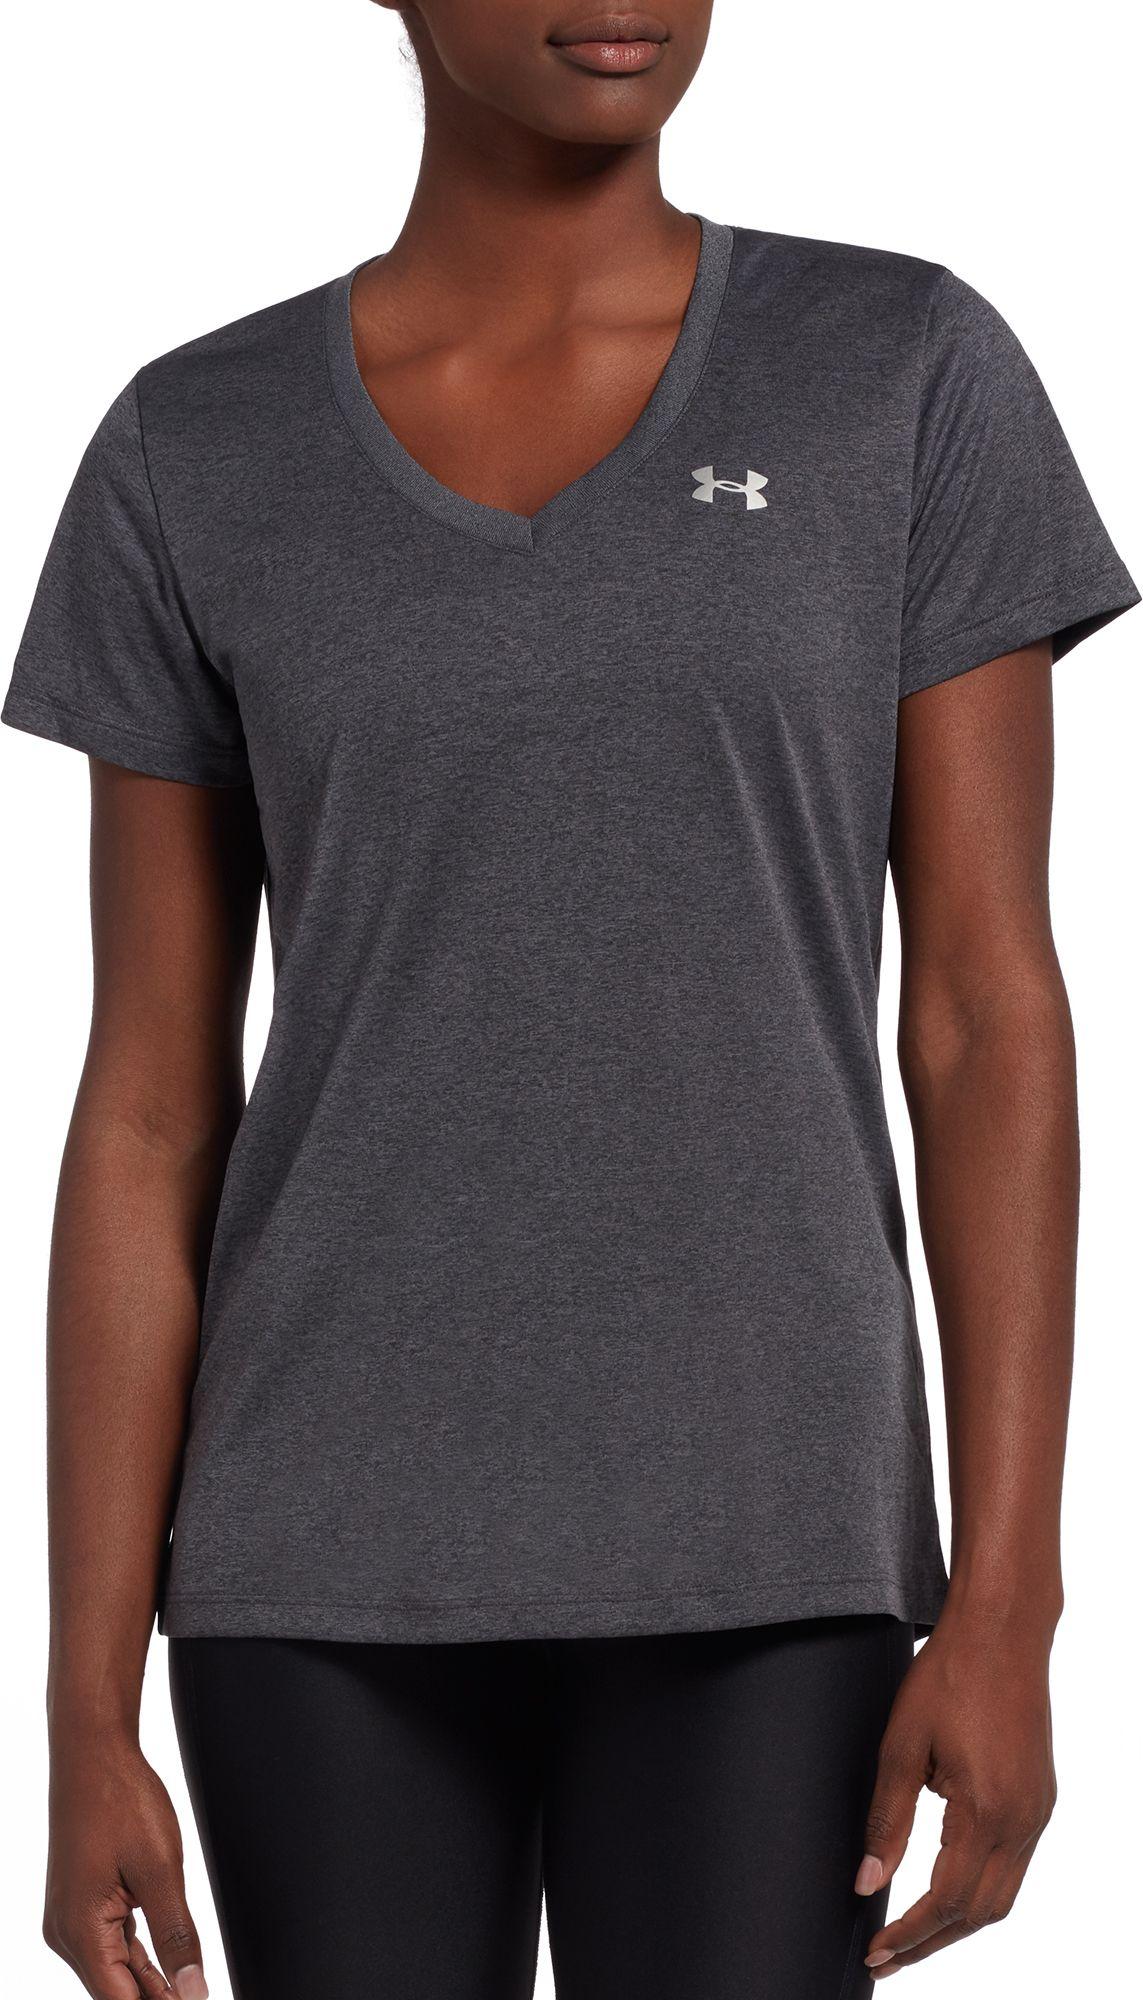 Under Armour Women's Tech V-Neck Short Sleeve Shirt | DICK'S ...